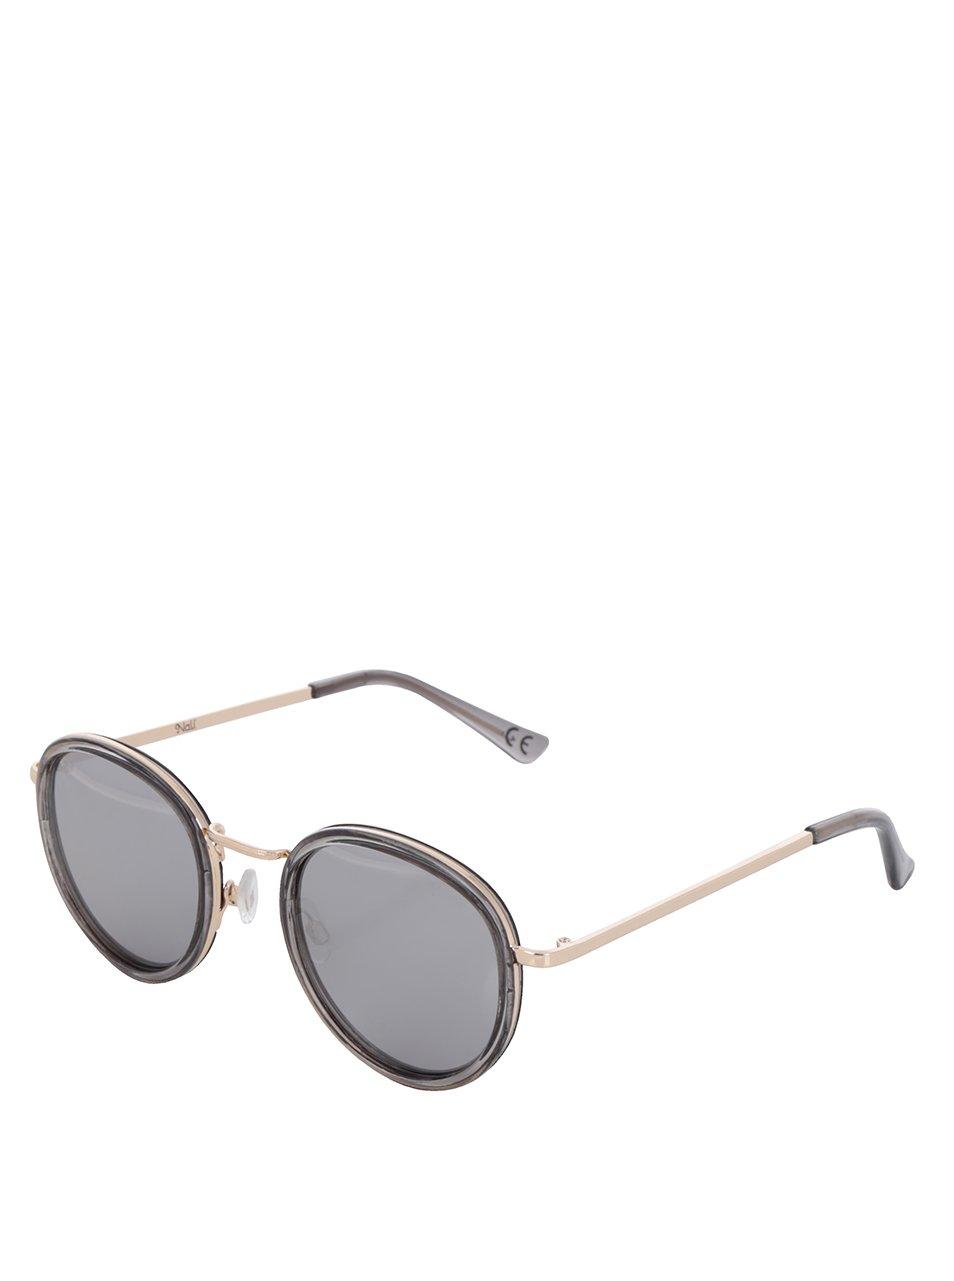 Šedé dámské oválné sluneční brýle s detaily ve zlaté barvě Nalí